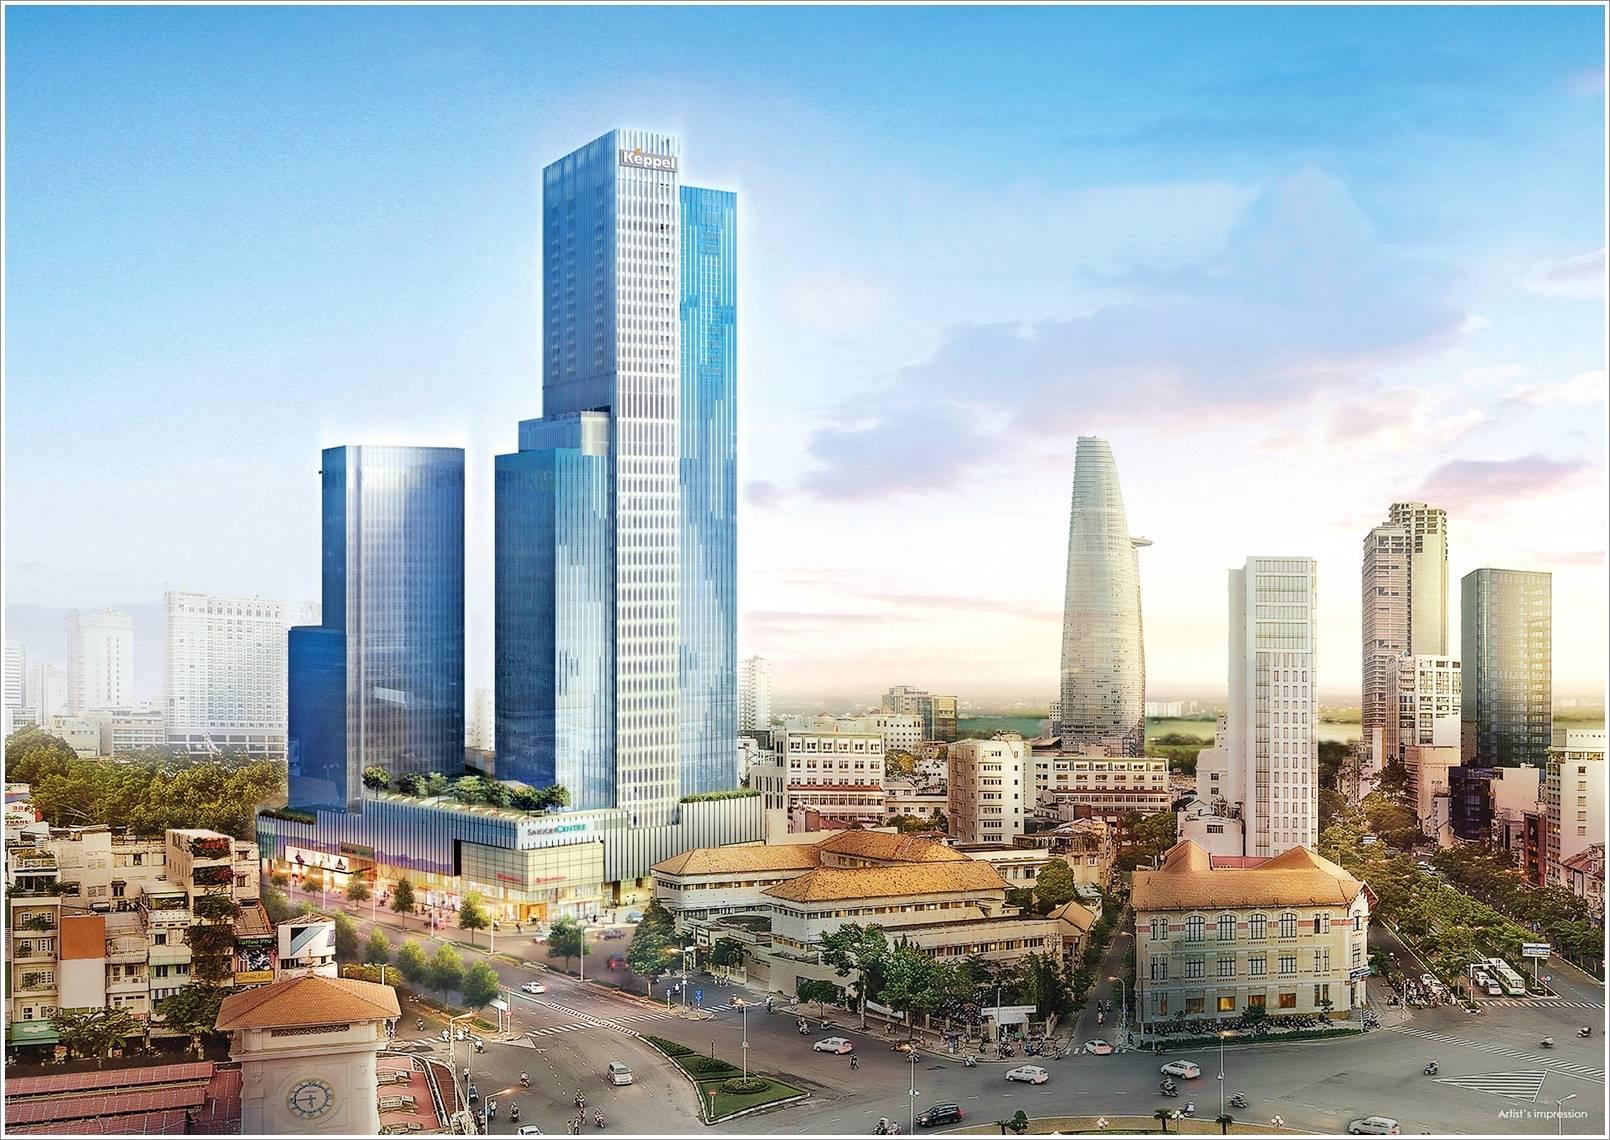 saigon-centre-tower-2-le-loi-cho-thue-van-phong-quan-1